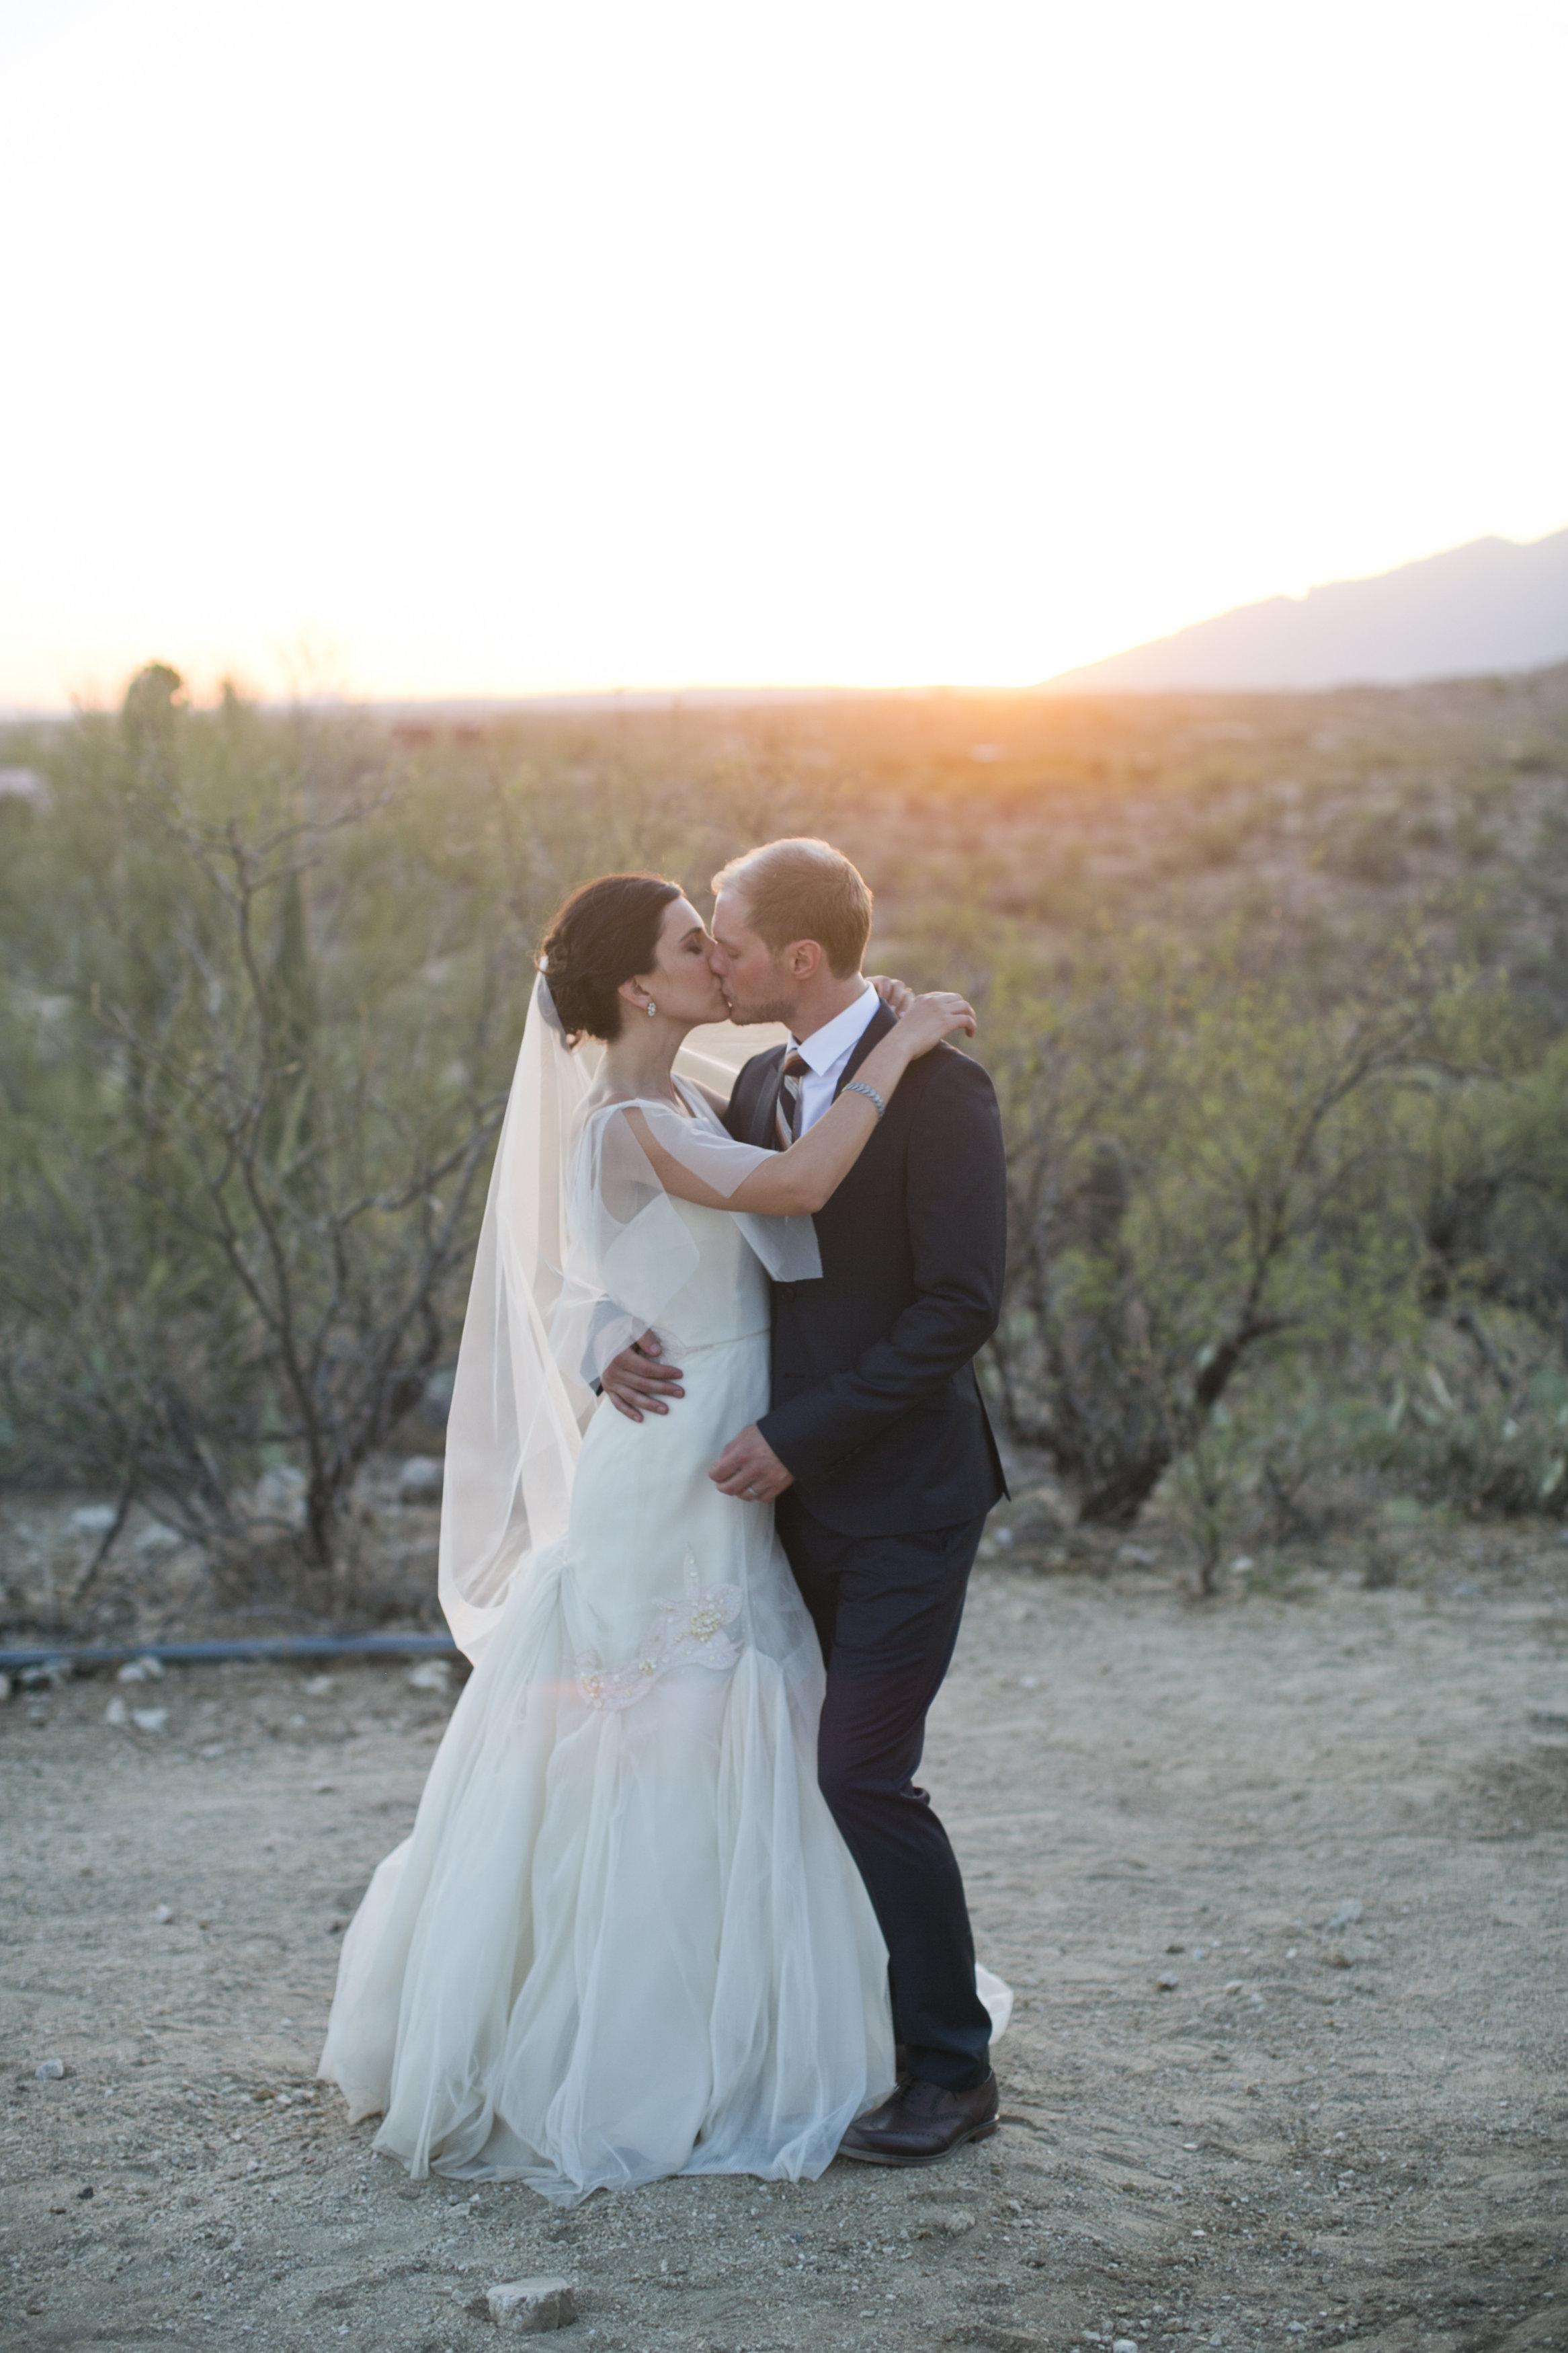 Ceci_New_York_Ceci_Style_Ceci_Johnson_Luxury_Lifestyle_Arizona_Wedding_Watercolor_Inspiration_Design_Custom_Couture_Personalized_Invitations_158.jpg